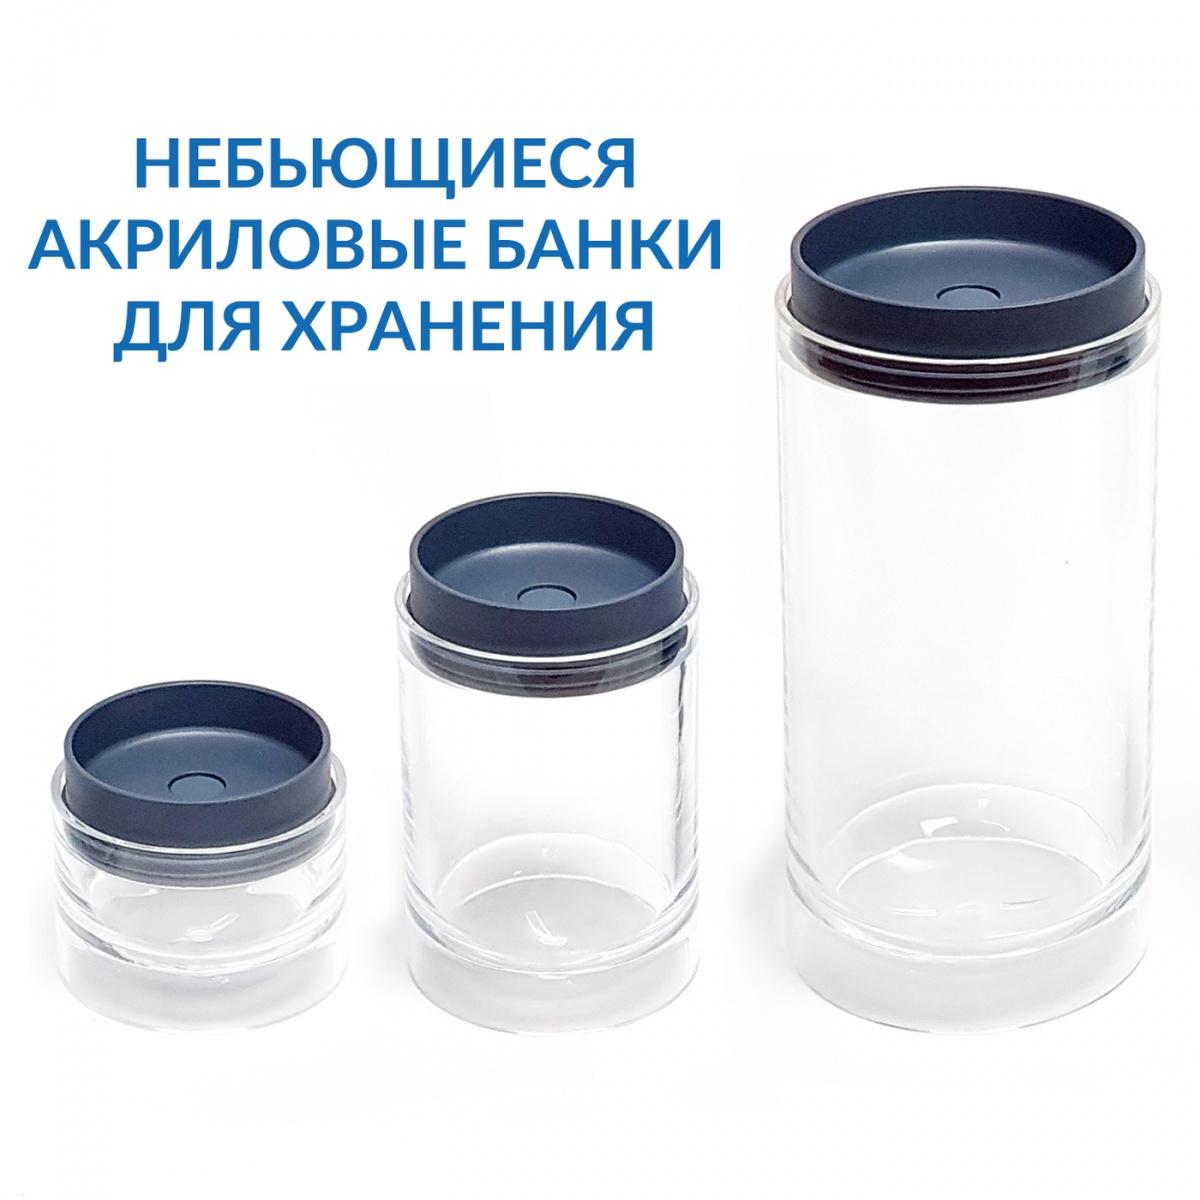 Контейнеры и наборы контейнеров для хранения пищи